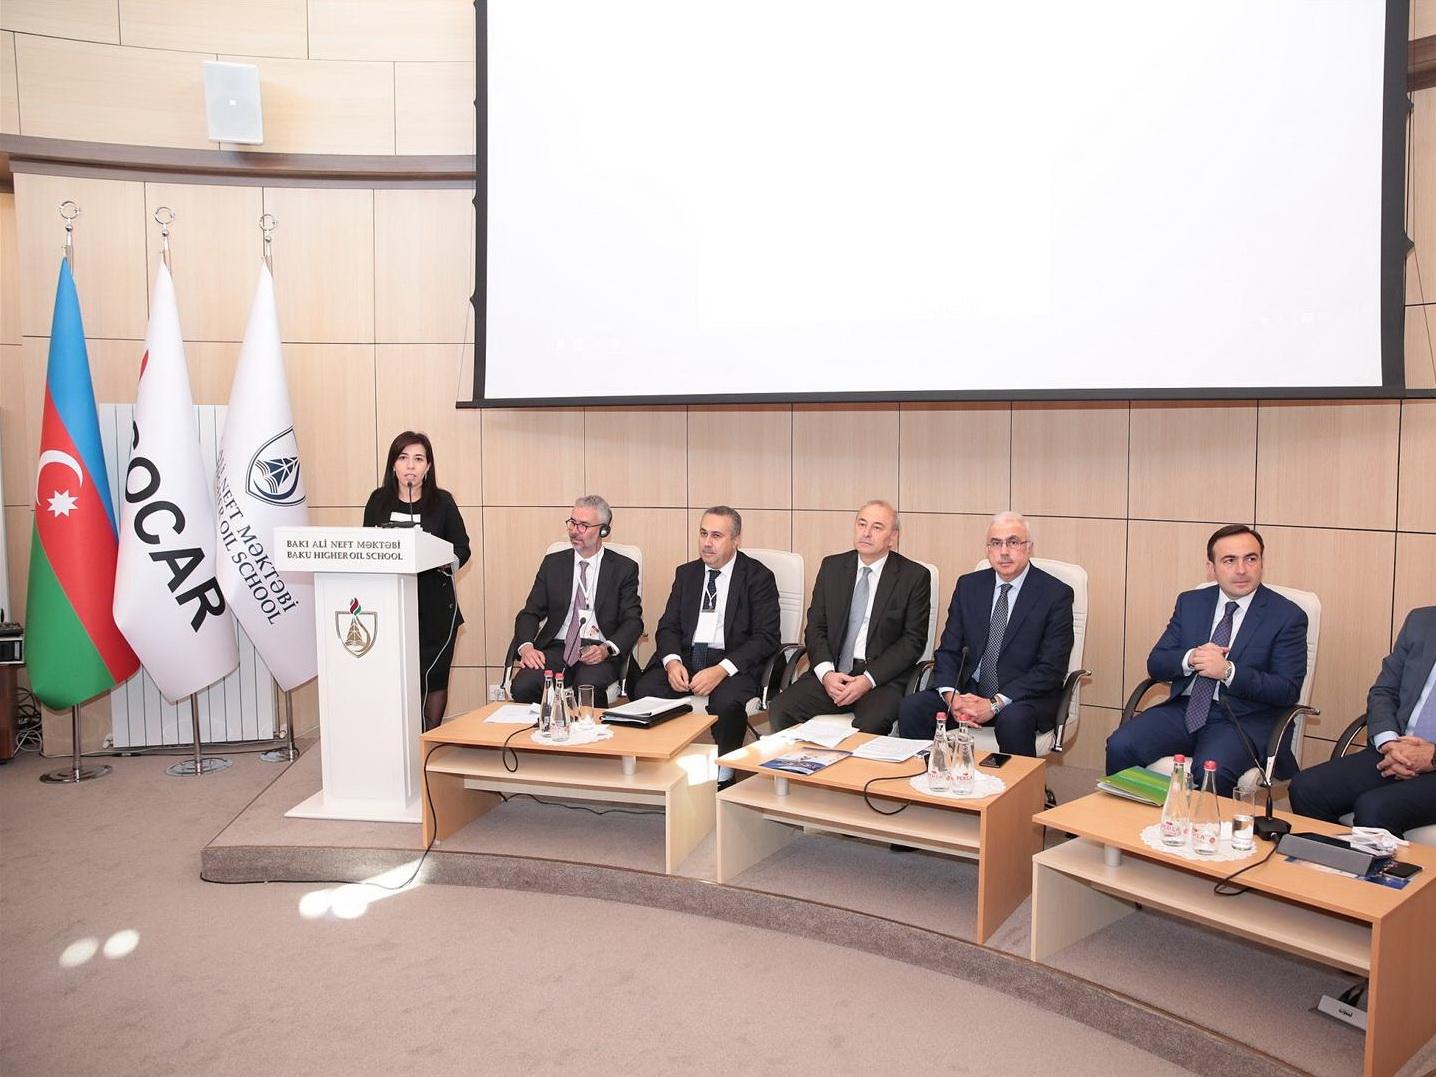 В Баку обсуждают последствия глобальных изменений в энергетической отрасли в регионе Каспия и Центральной Азии - ФОТО